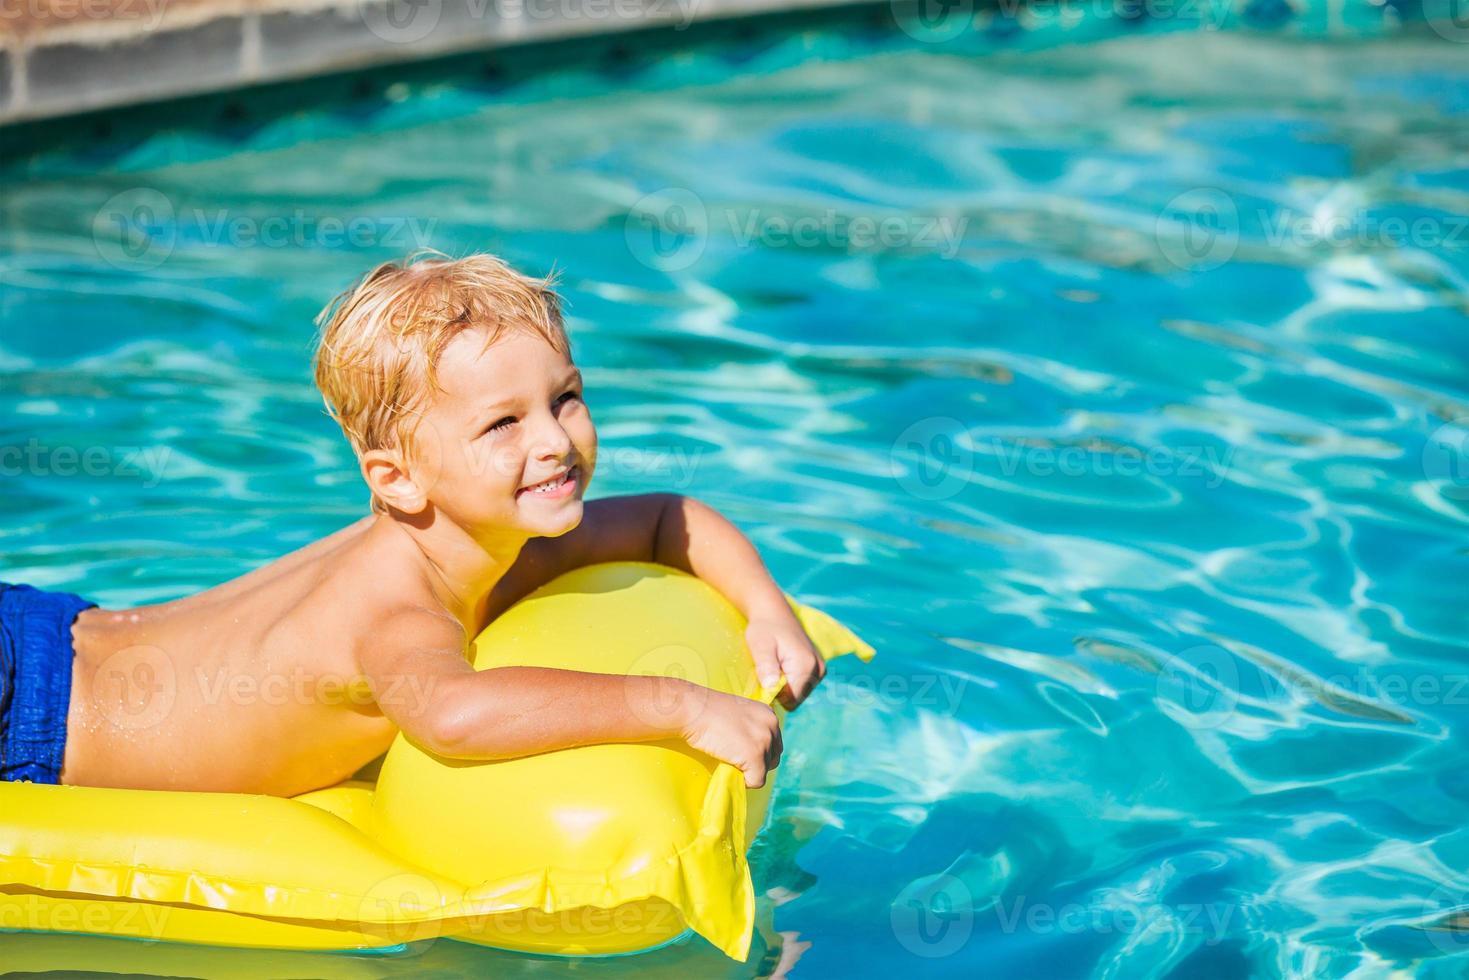 jongen ontspannen en plezier maken in het zwembad foto